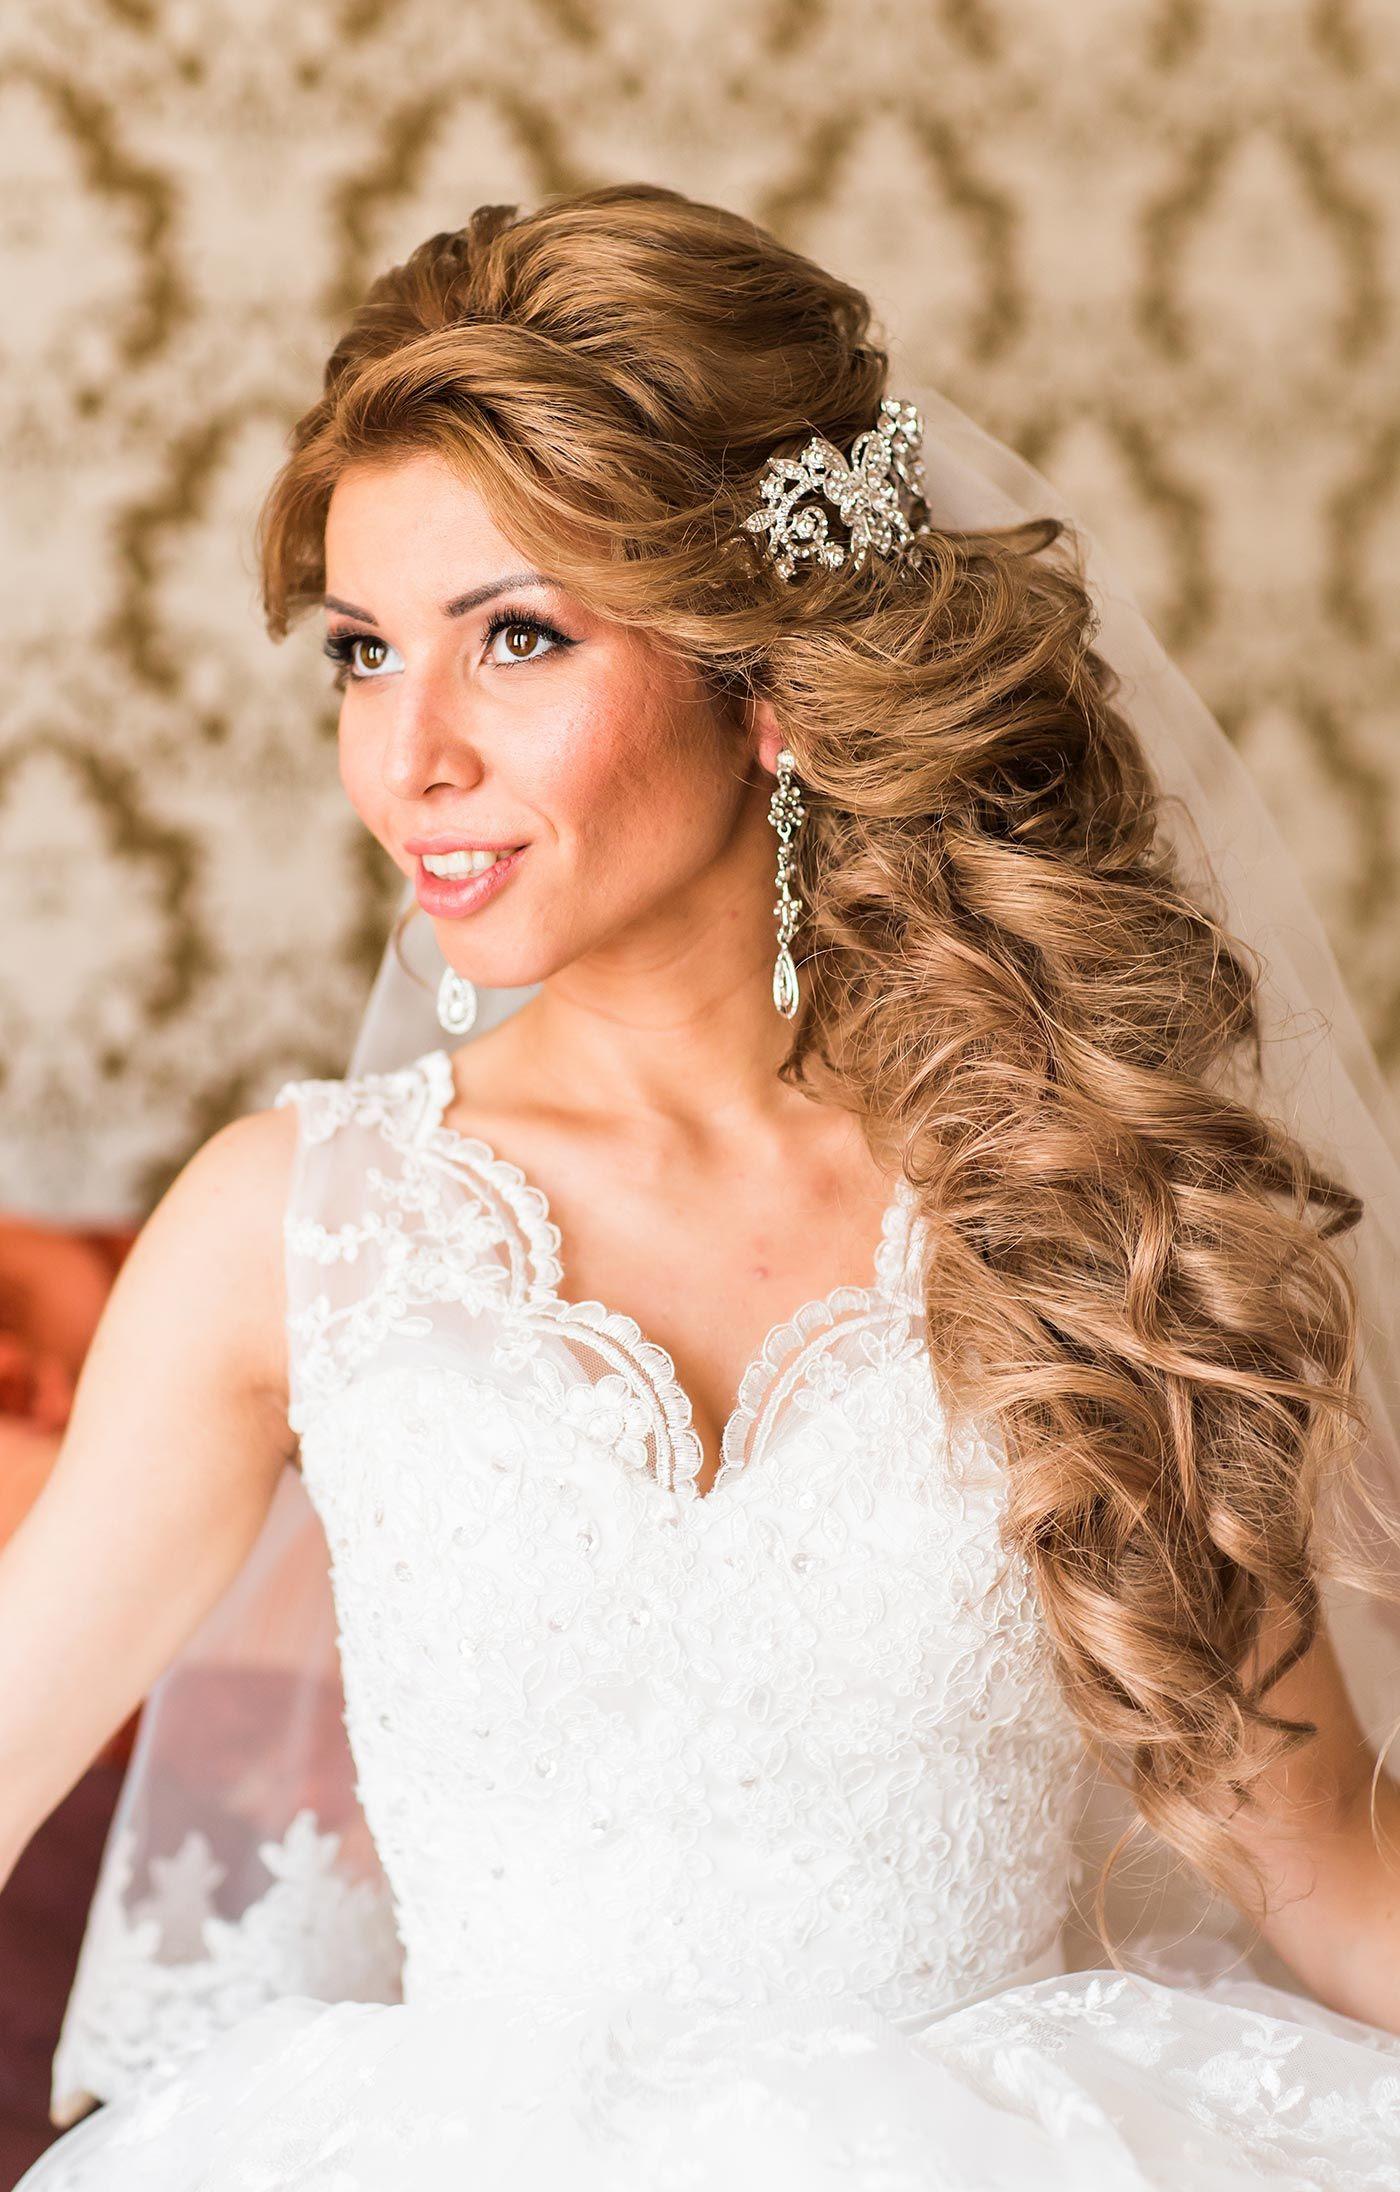 Brautfrisur Seitlich Geflochten Frisuren Hochzeit Lange Haare